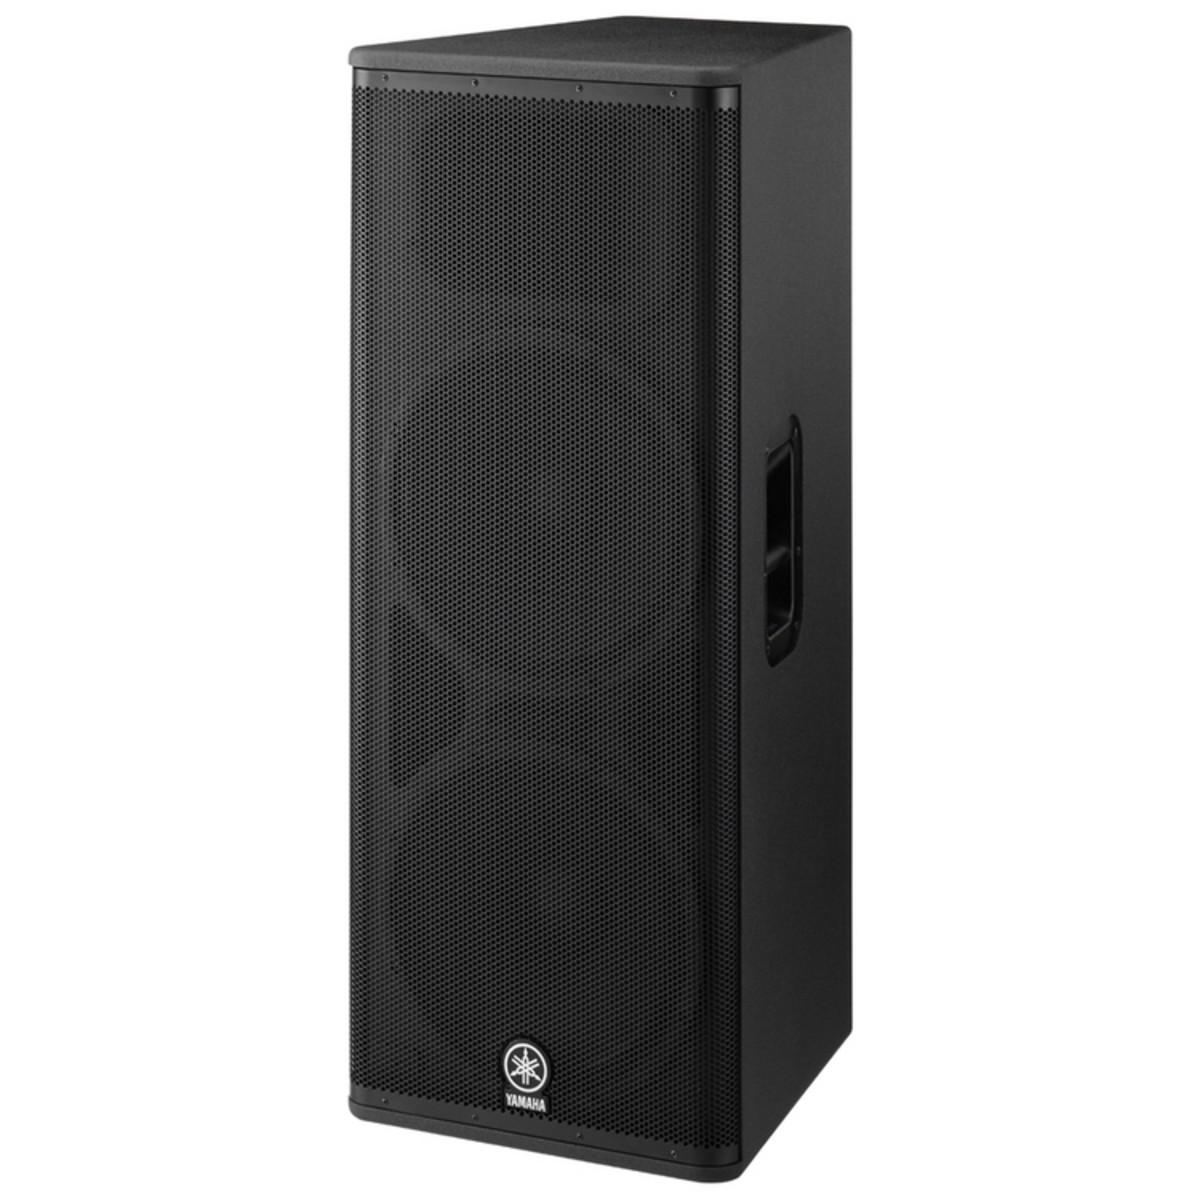 yamaha dsr215 dual 15 2 way active loudspeaker at